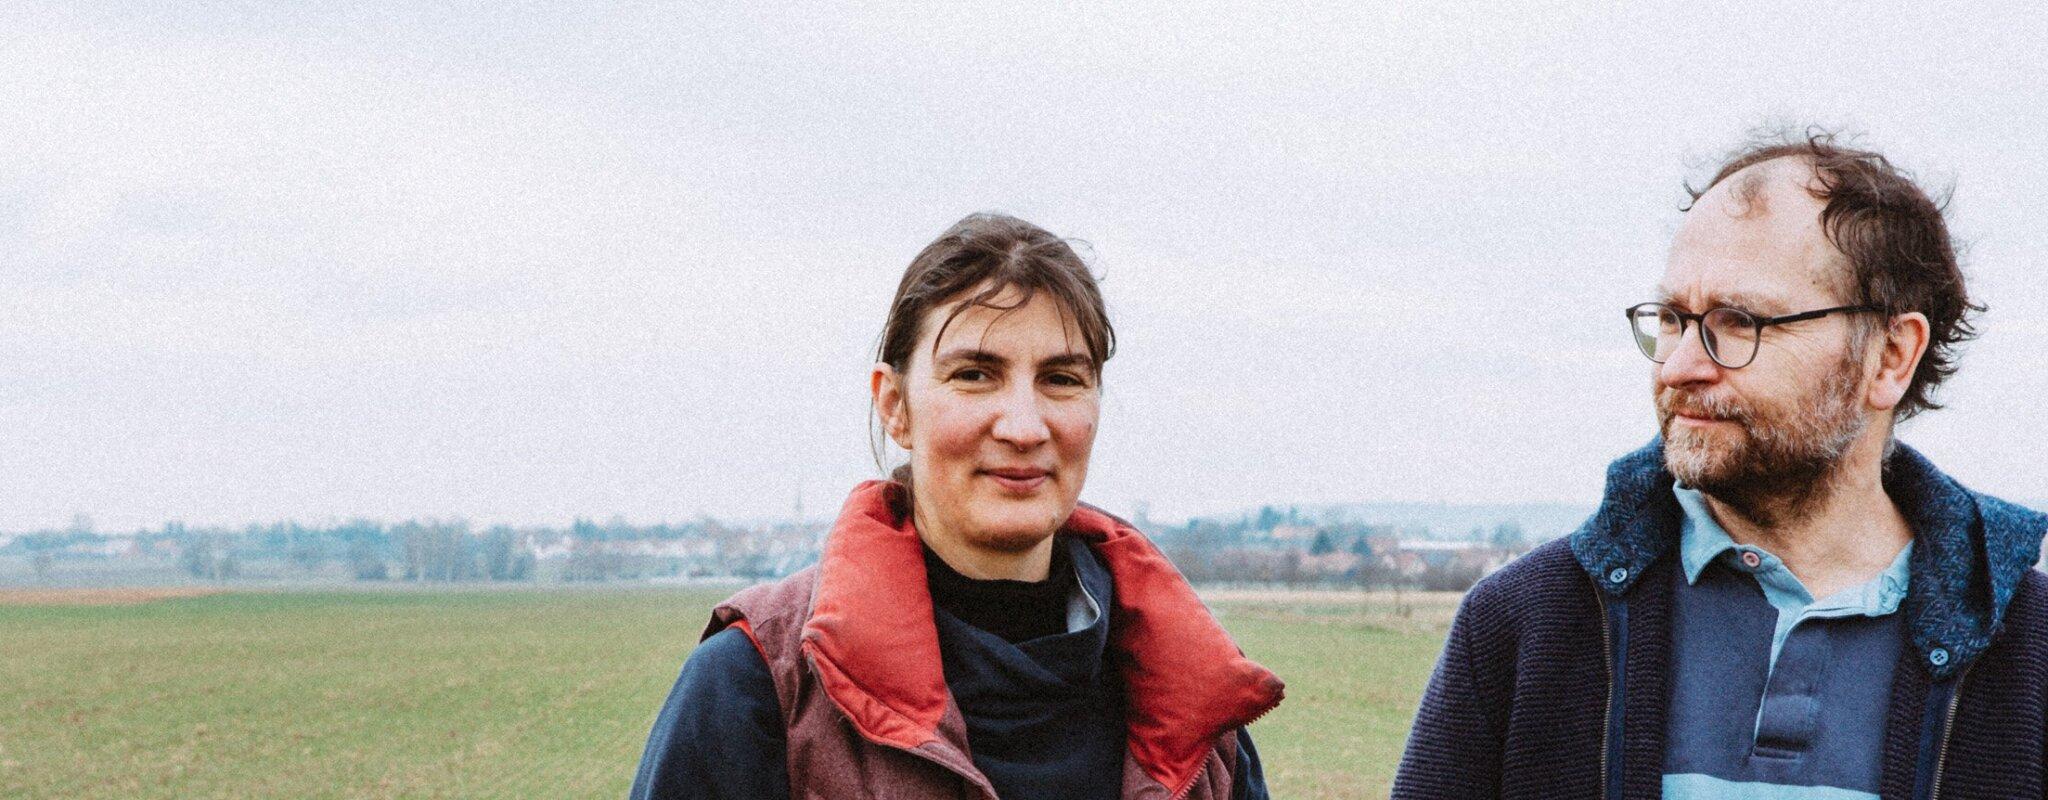 À Hatten, une ferme bio entre en résistance contre une nouvelle zone d'activité